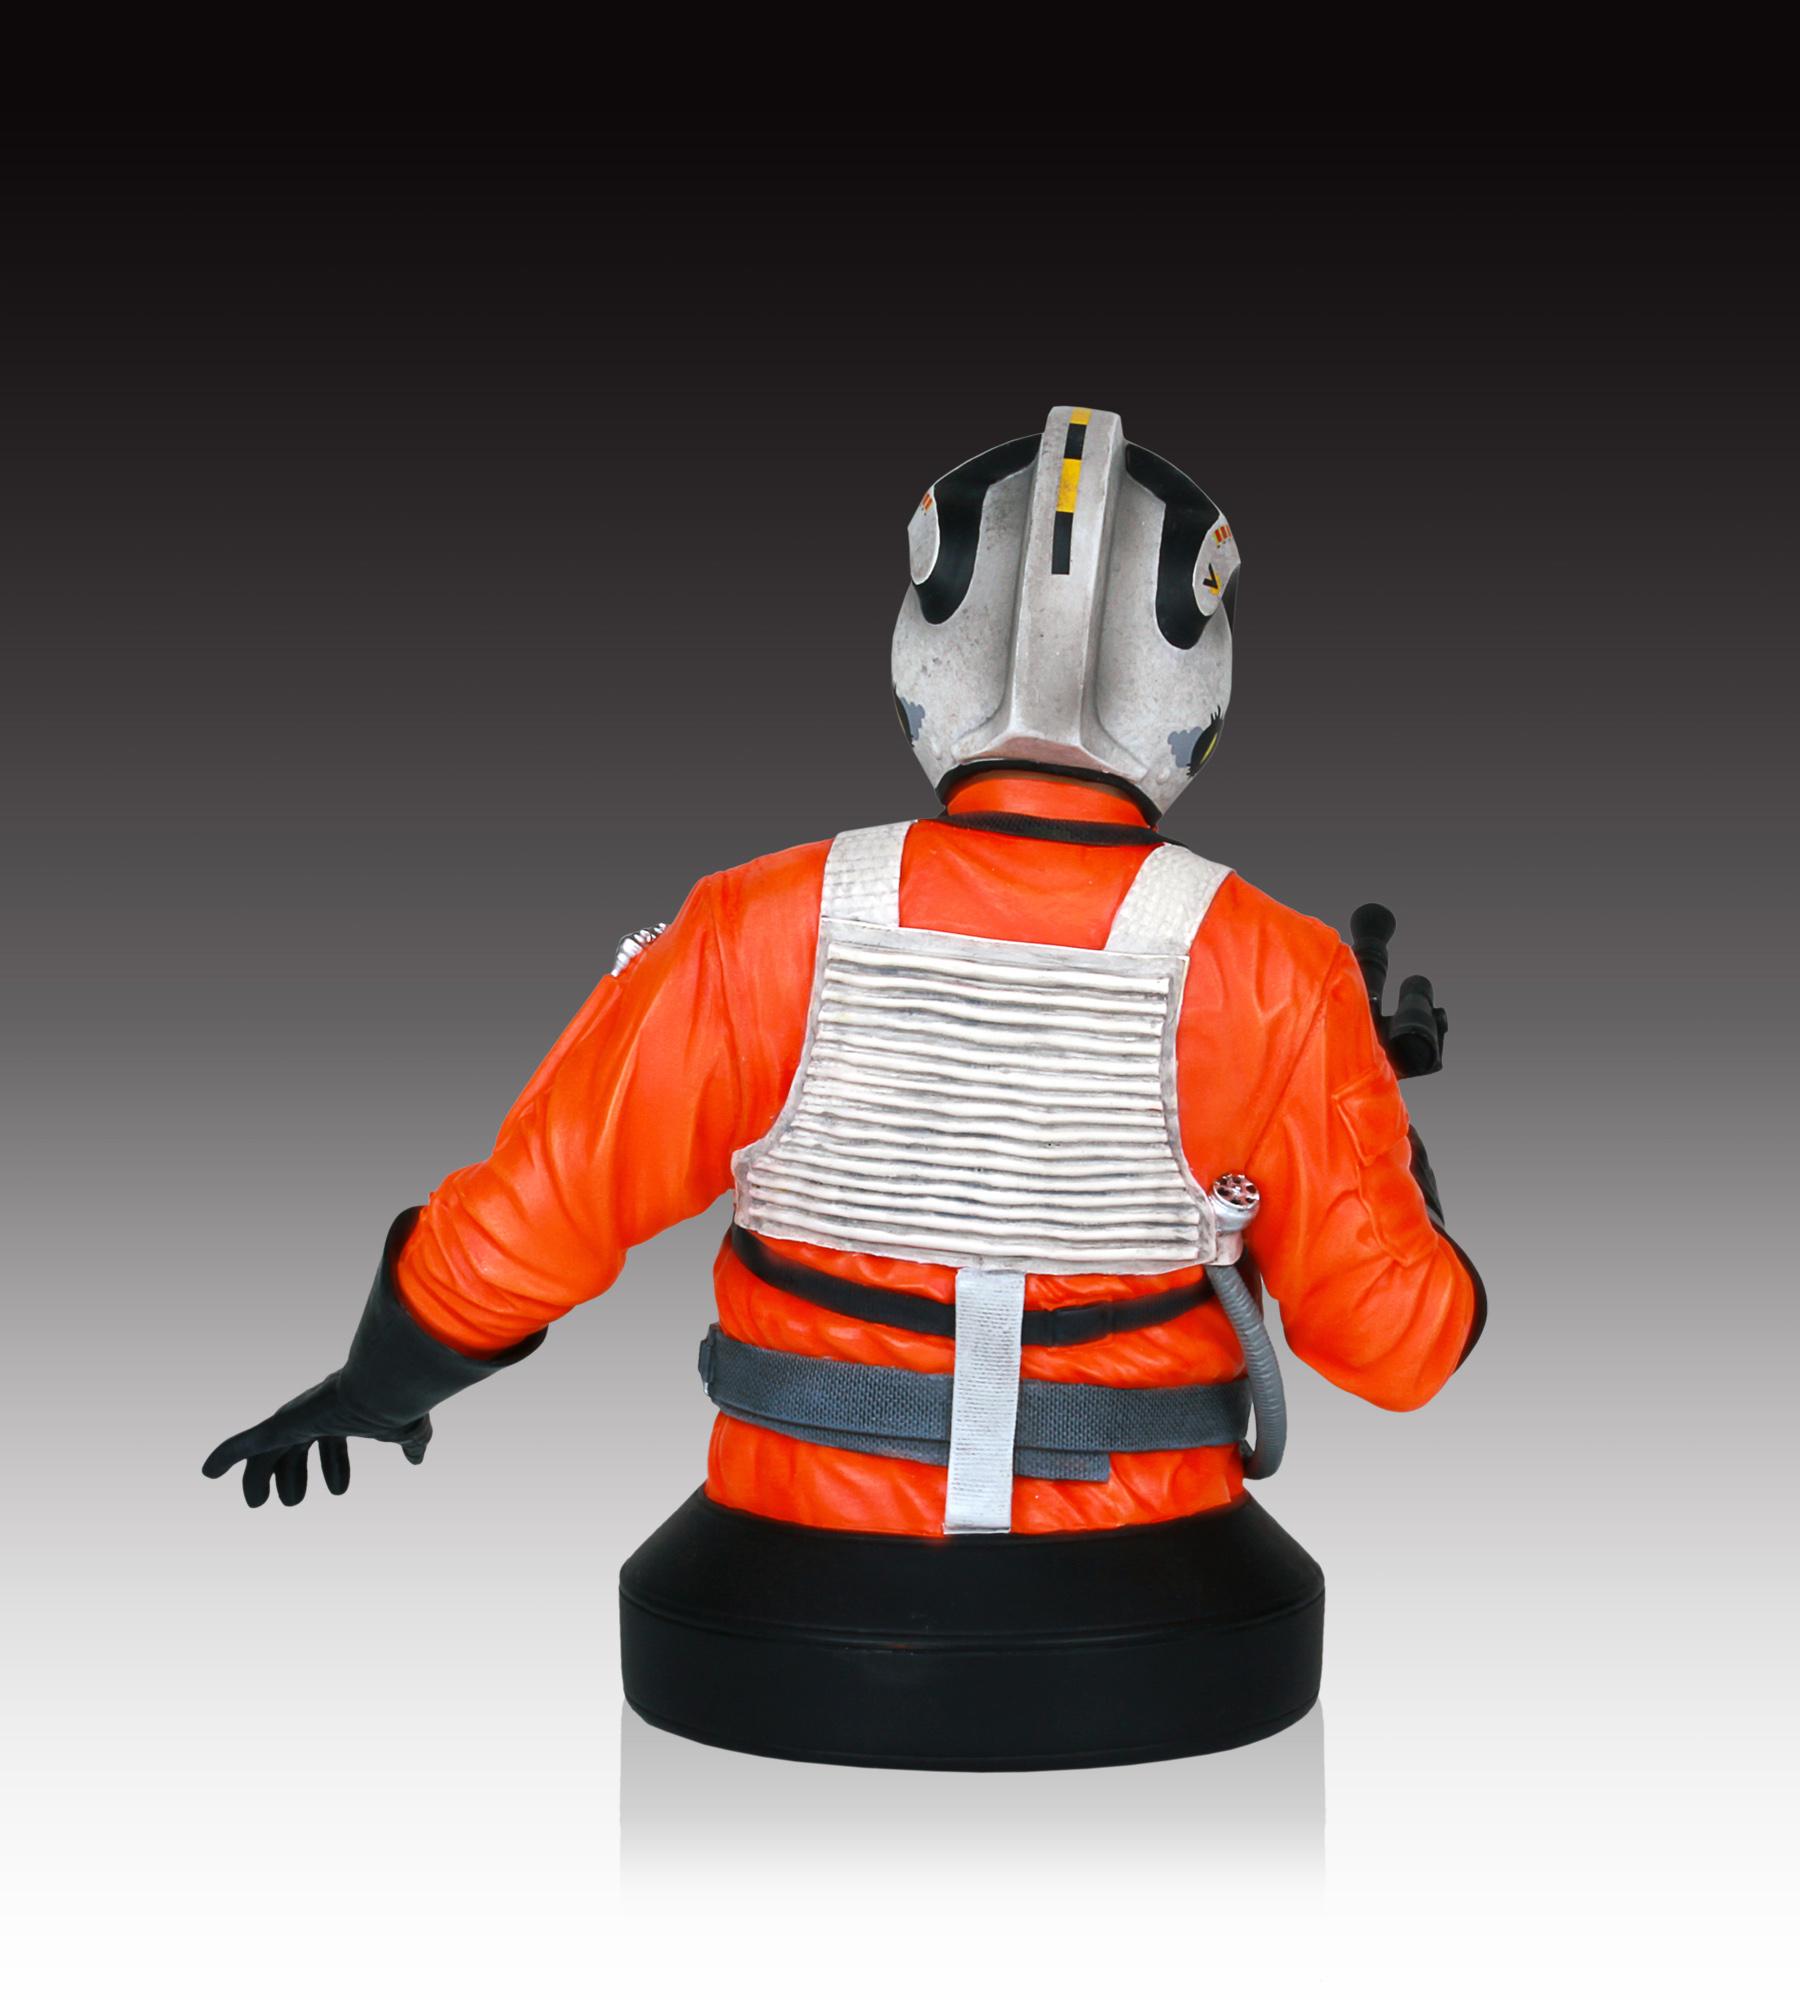 [Gentle Giant] SDCC Exclusive Star Wars Jek Porkins Mini Bust SDCC-Exclusive-Star-Wars-Jek-Porkins-Mini-Bust-003